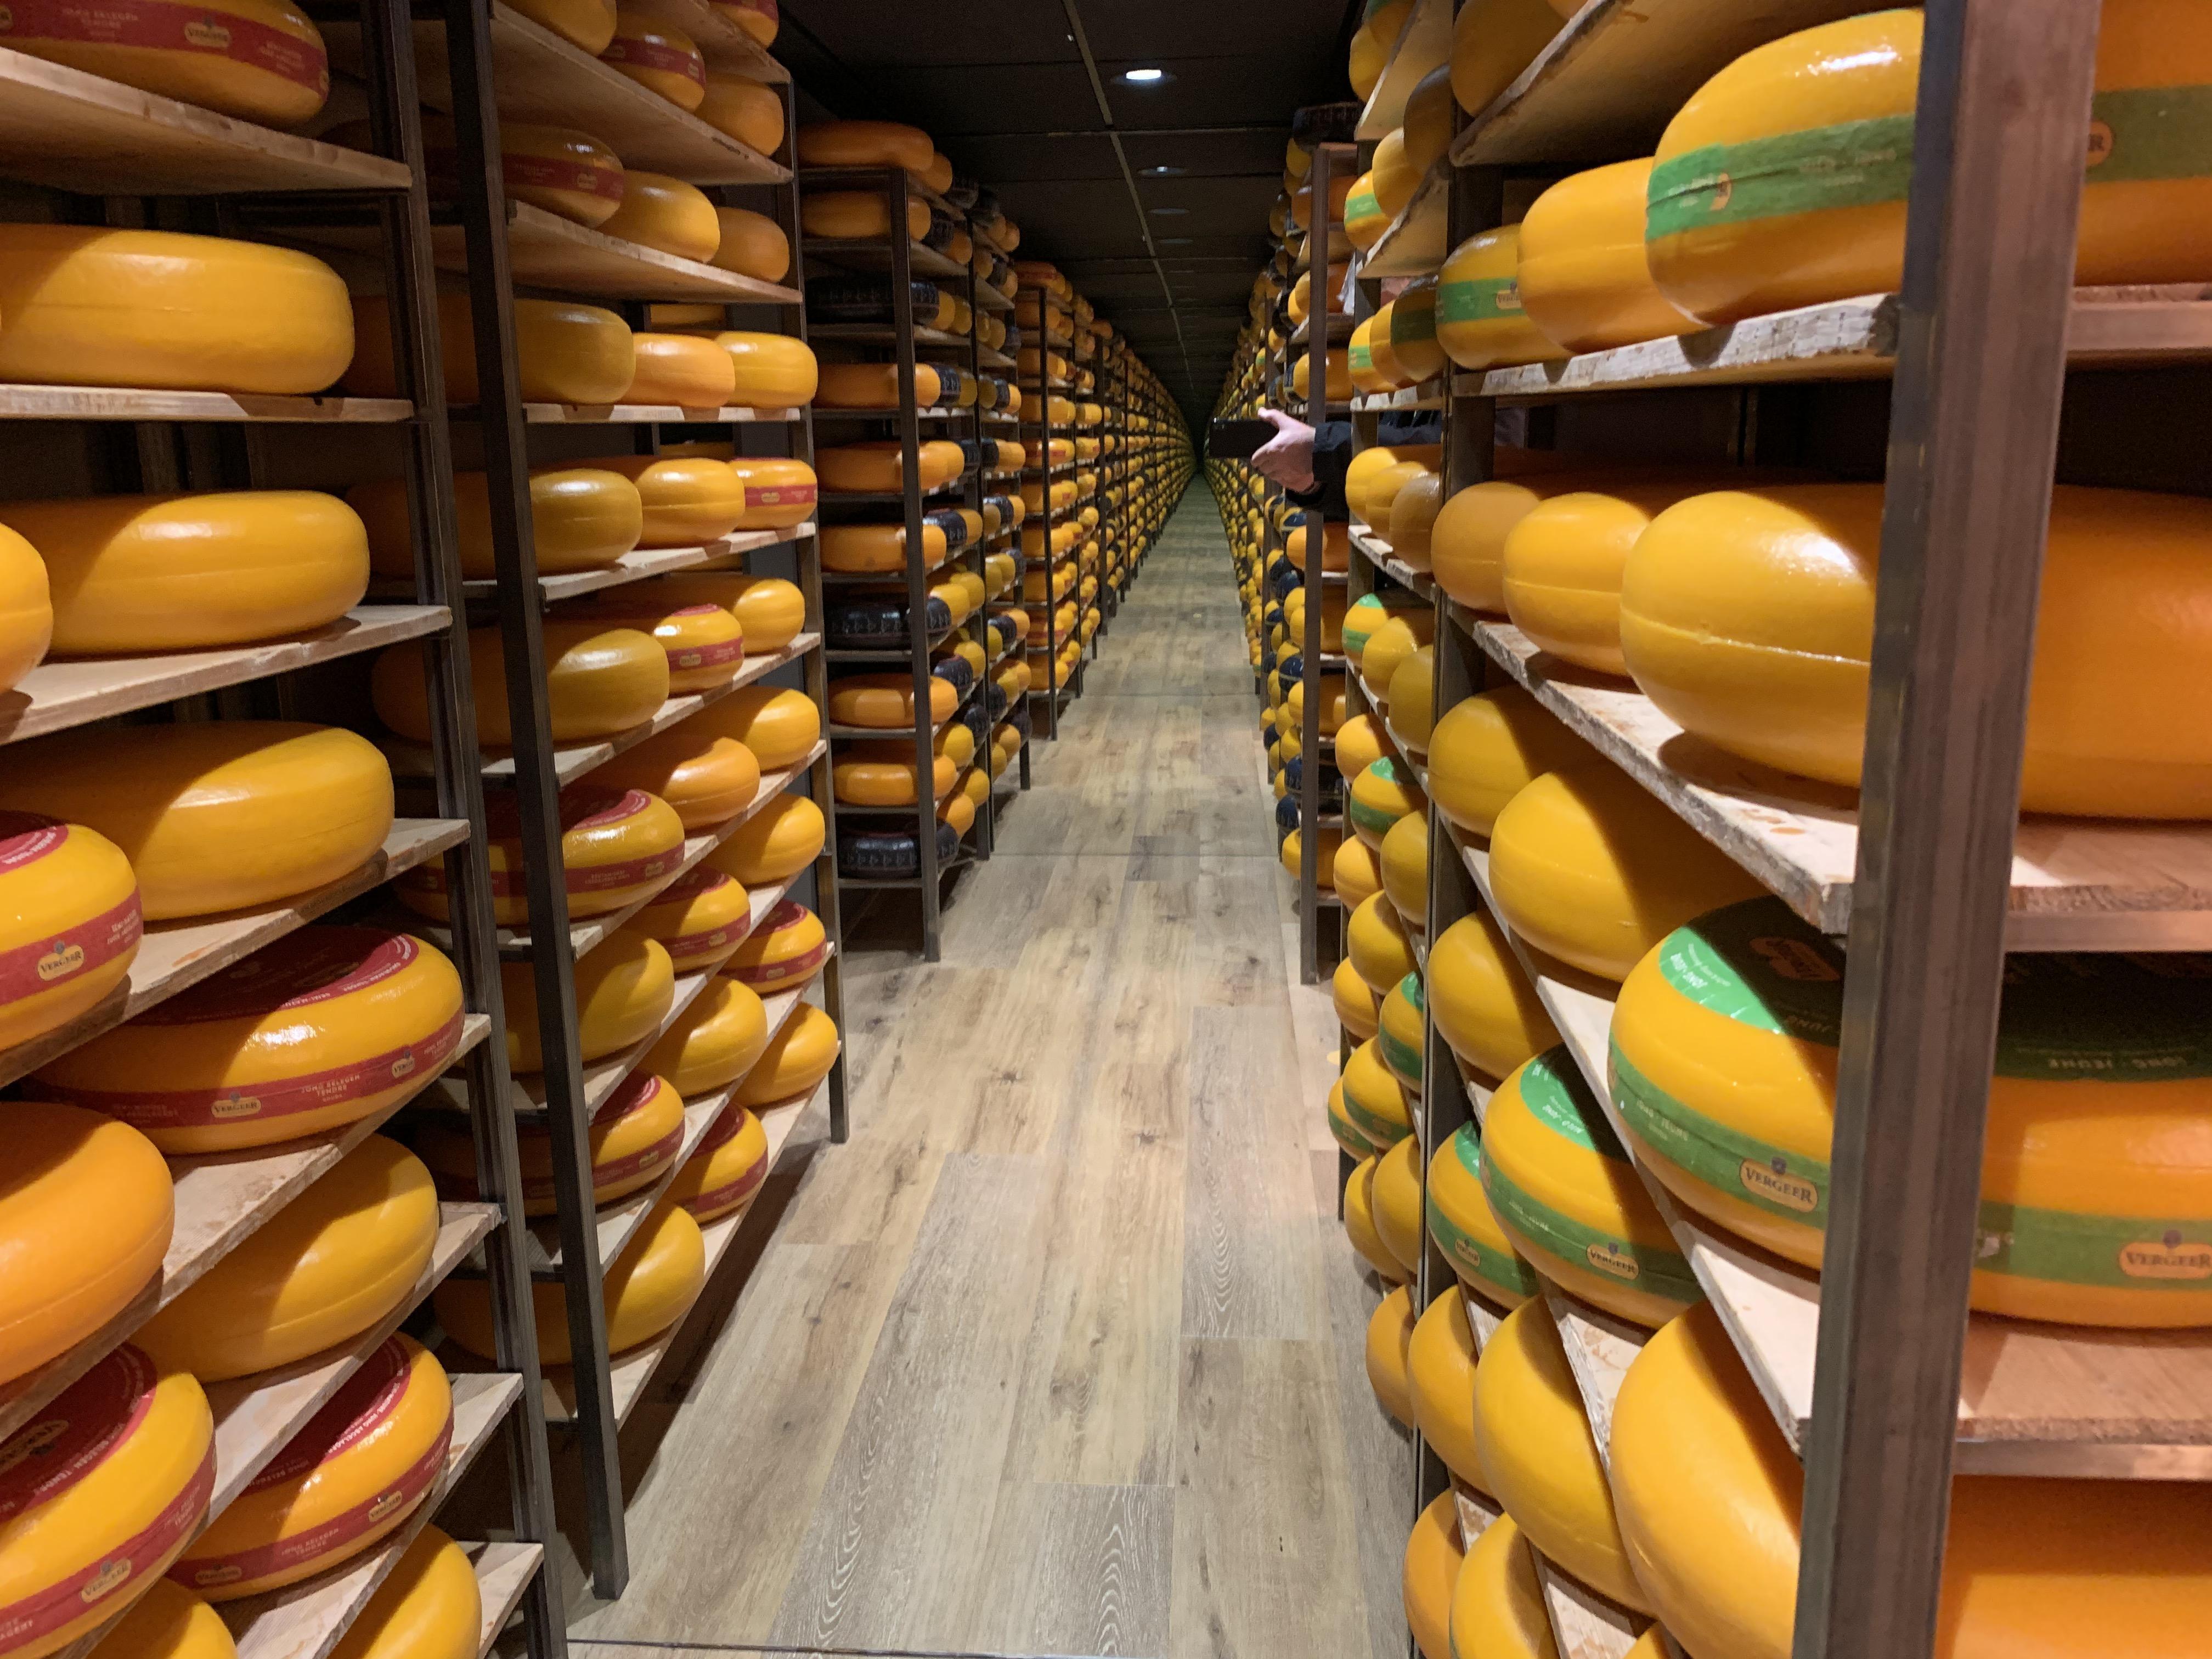 Blokjes kaas, glaasje melk, fashionshoot: de enige betalende klanten maken nog eens wat mee